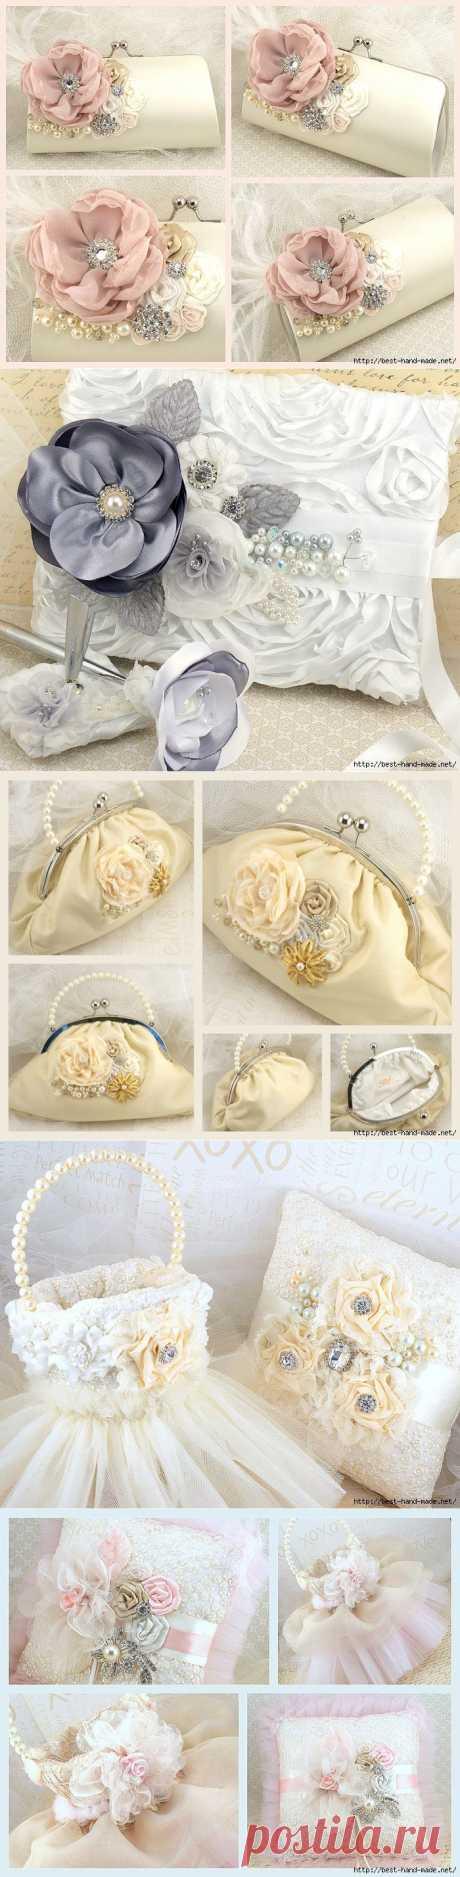 Роскошные цветочные украшения и аксессуары от Maricel Tewari, Канада.